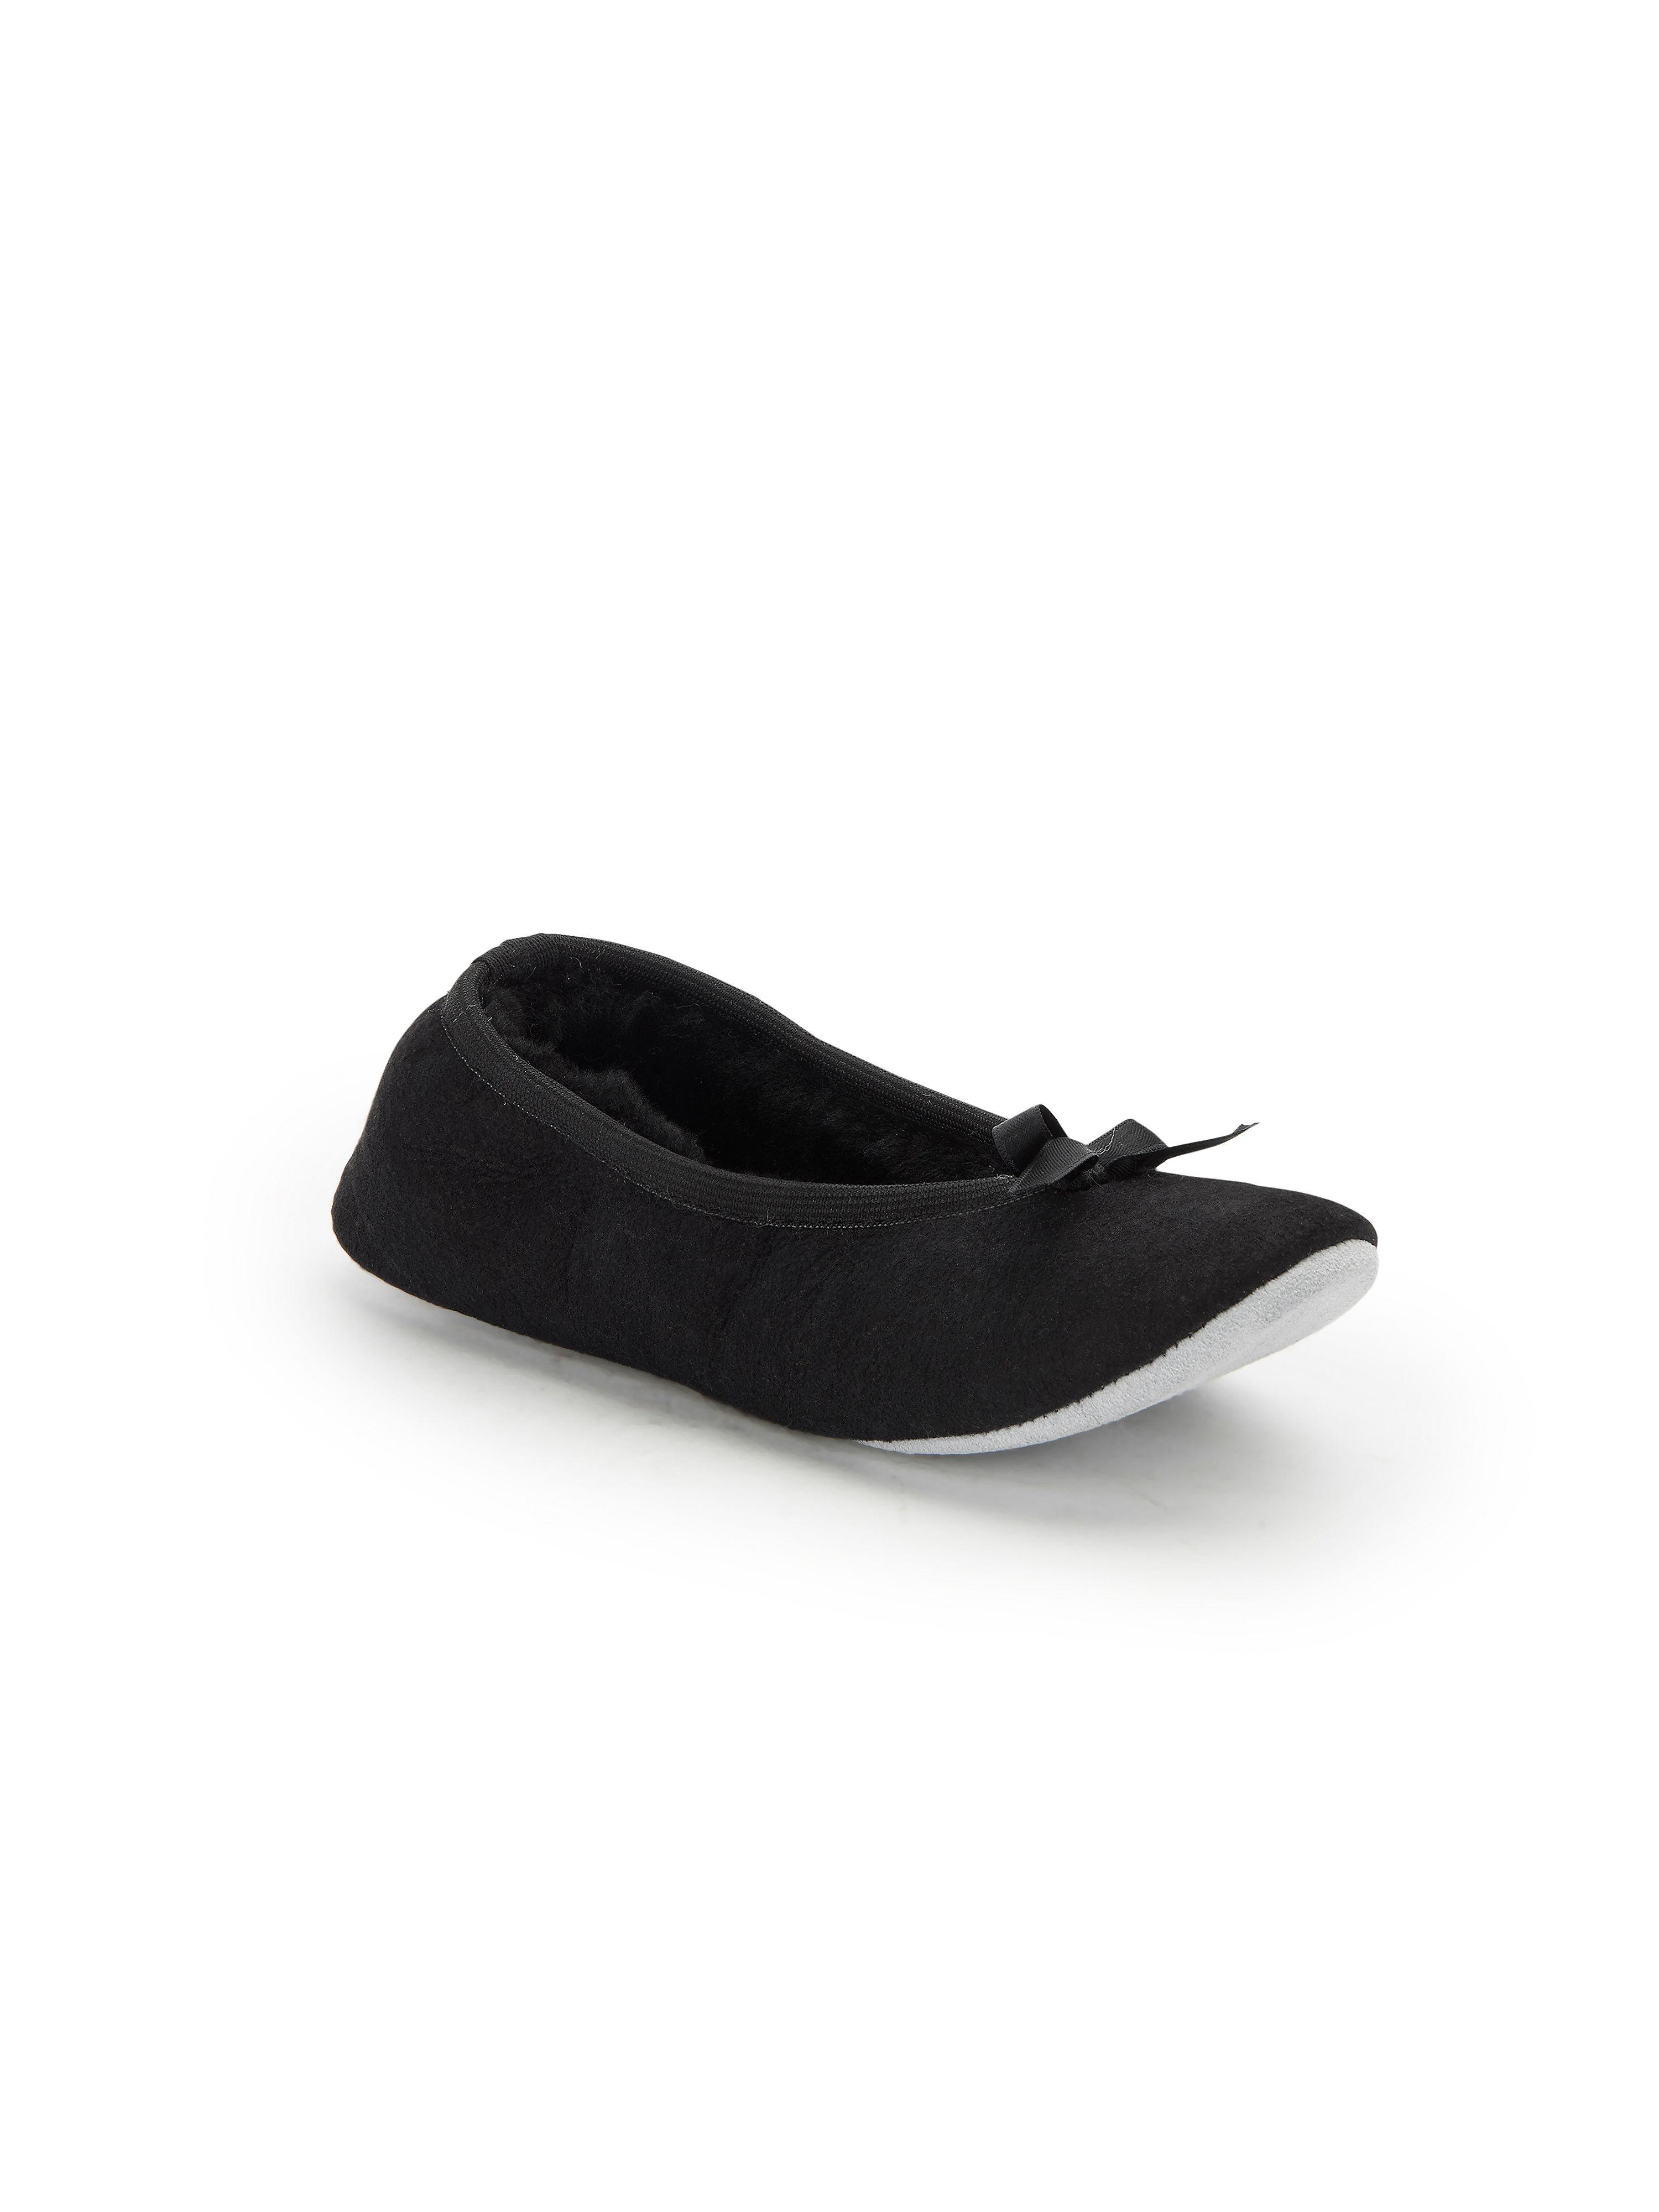 Shepherd - Femininer Ballerina - Schwarz Gute Qualität beliebte Schuhe